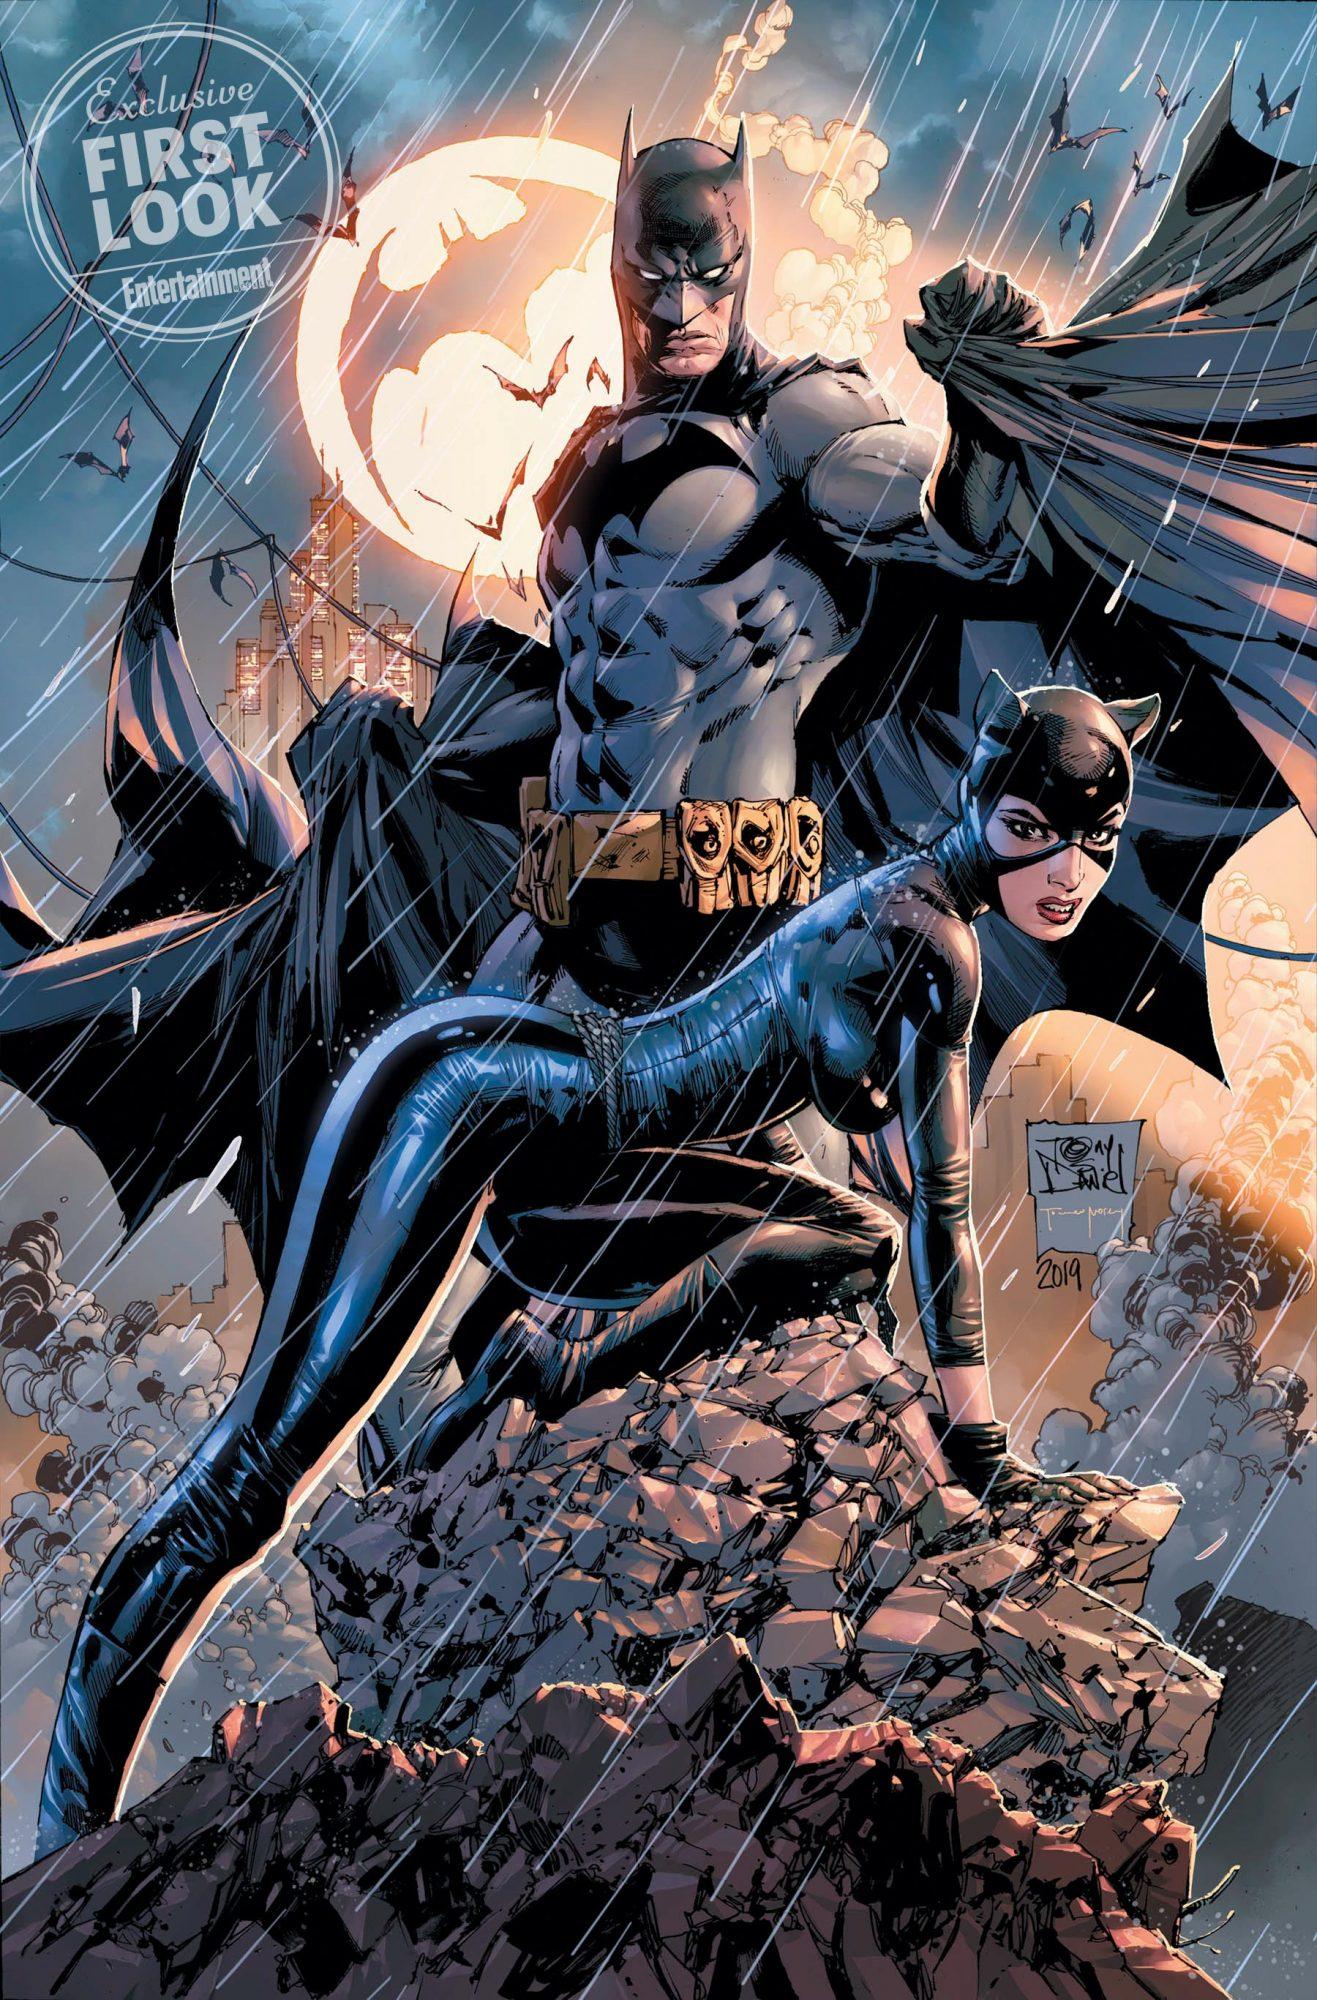 Batman #78 comic cover Batman and Catwoman Credit: Tony S. Daniel/DC Comics